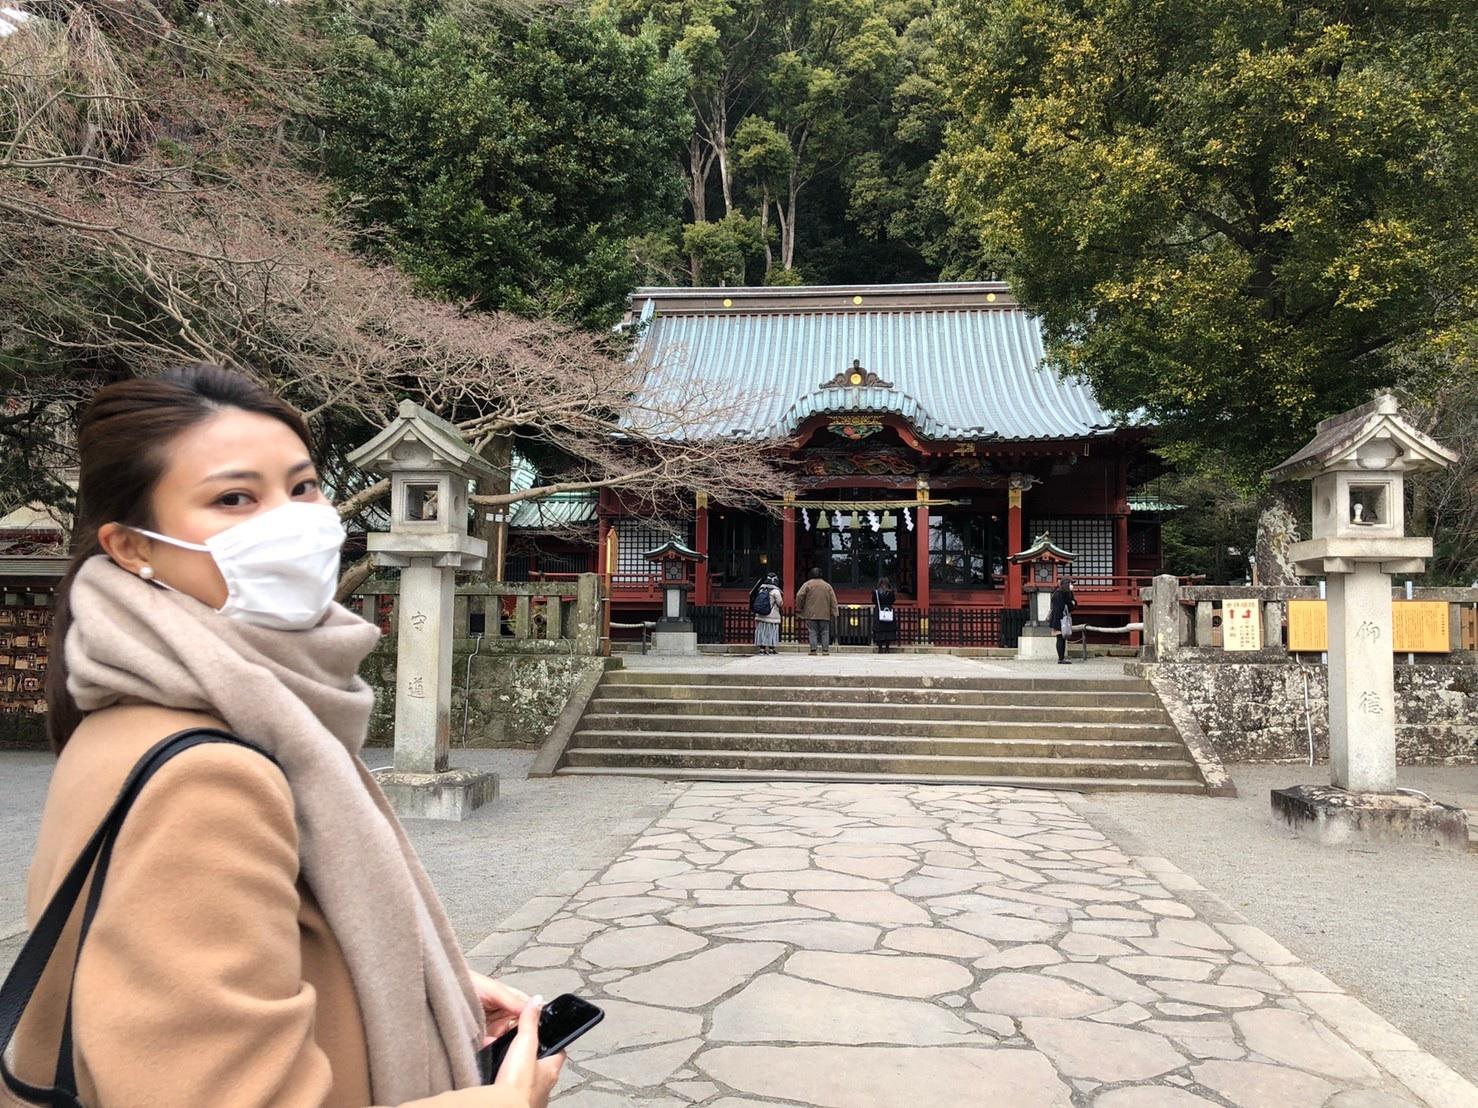 リフレッシュは熱海の伊豆山神社へ